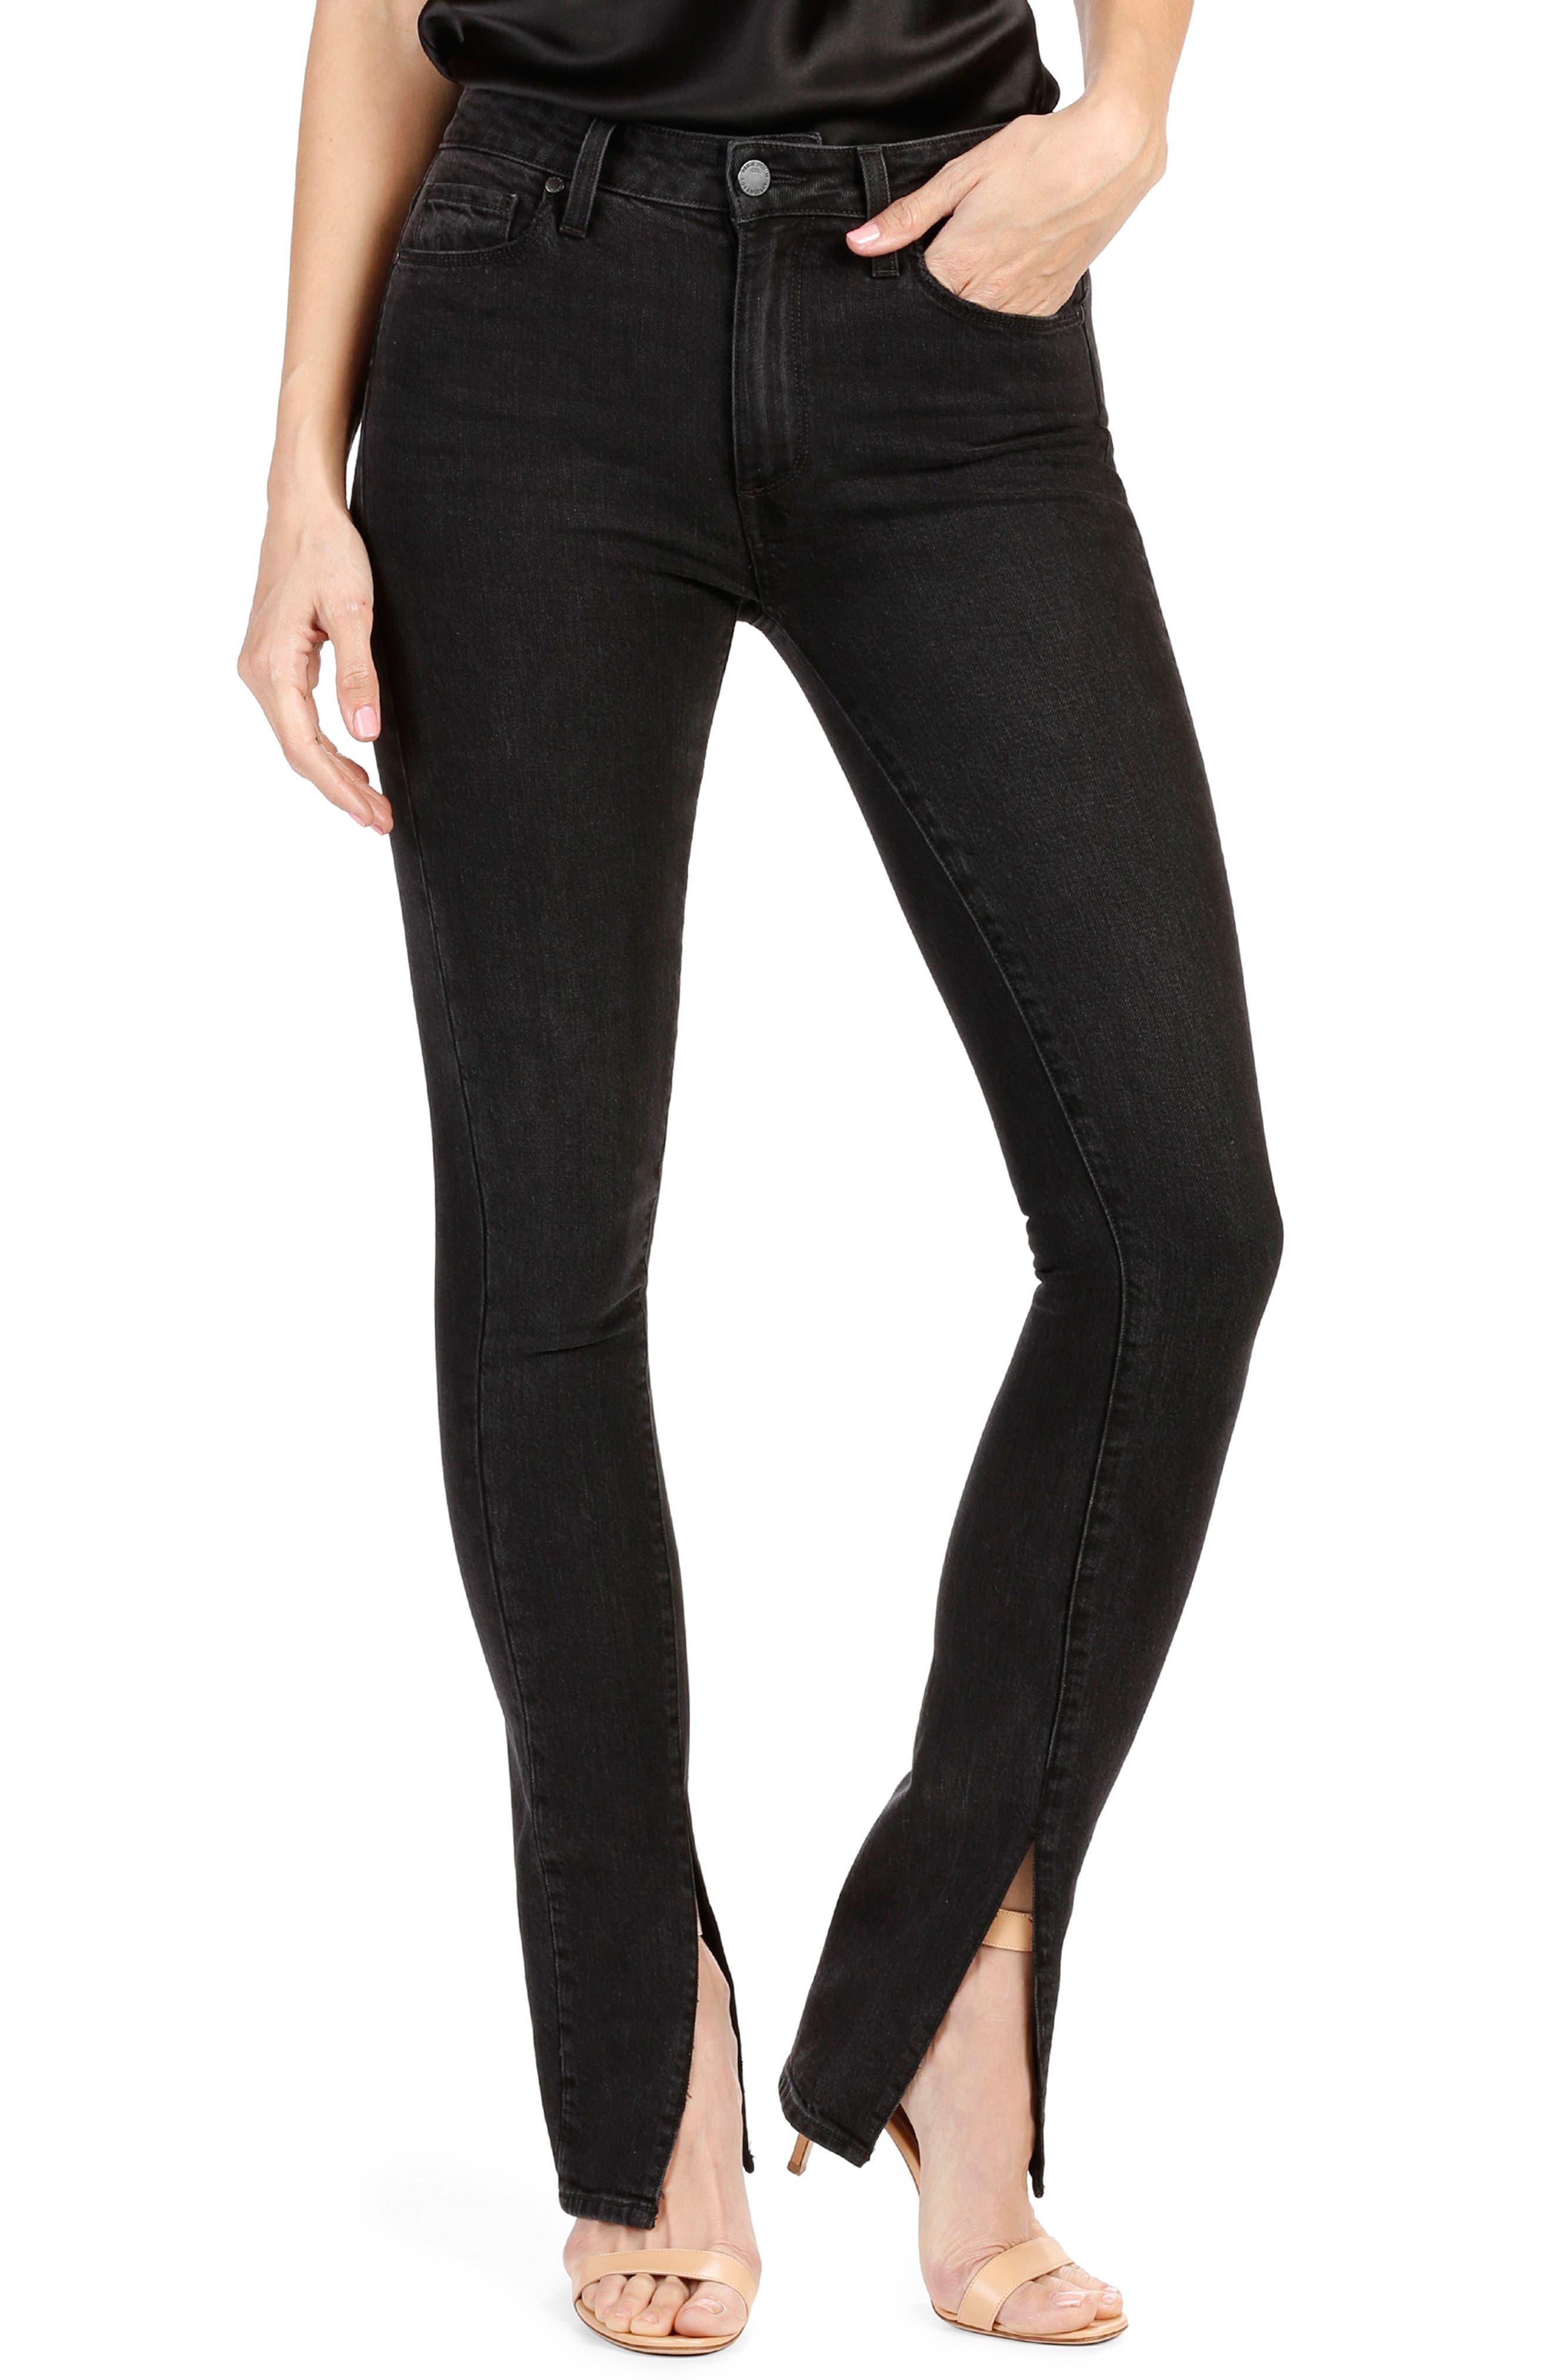 Rosie HW x PAIGE Constance Skinny Jeans,                             Main thumbnail 1, color,                             Vintage Noir